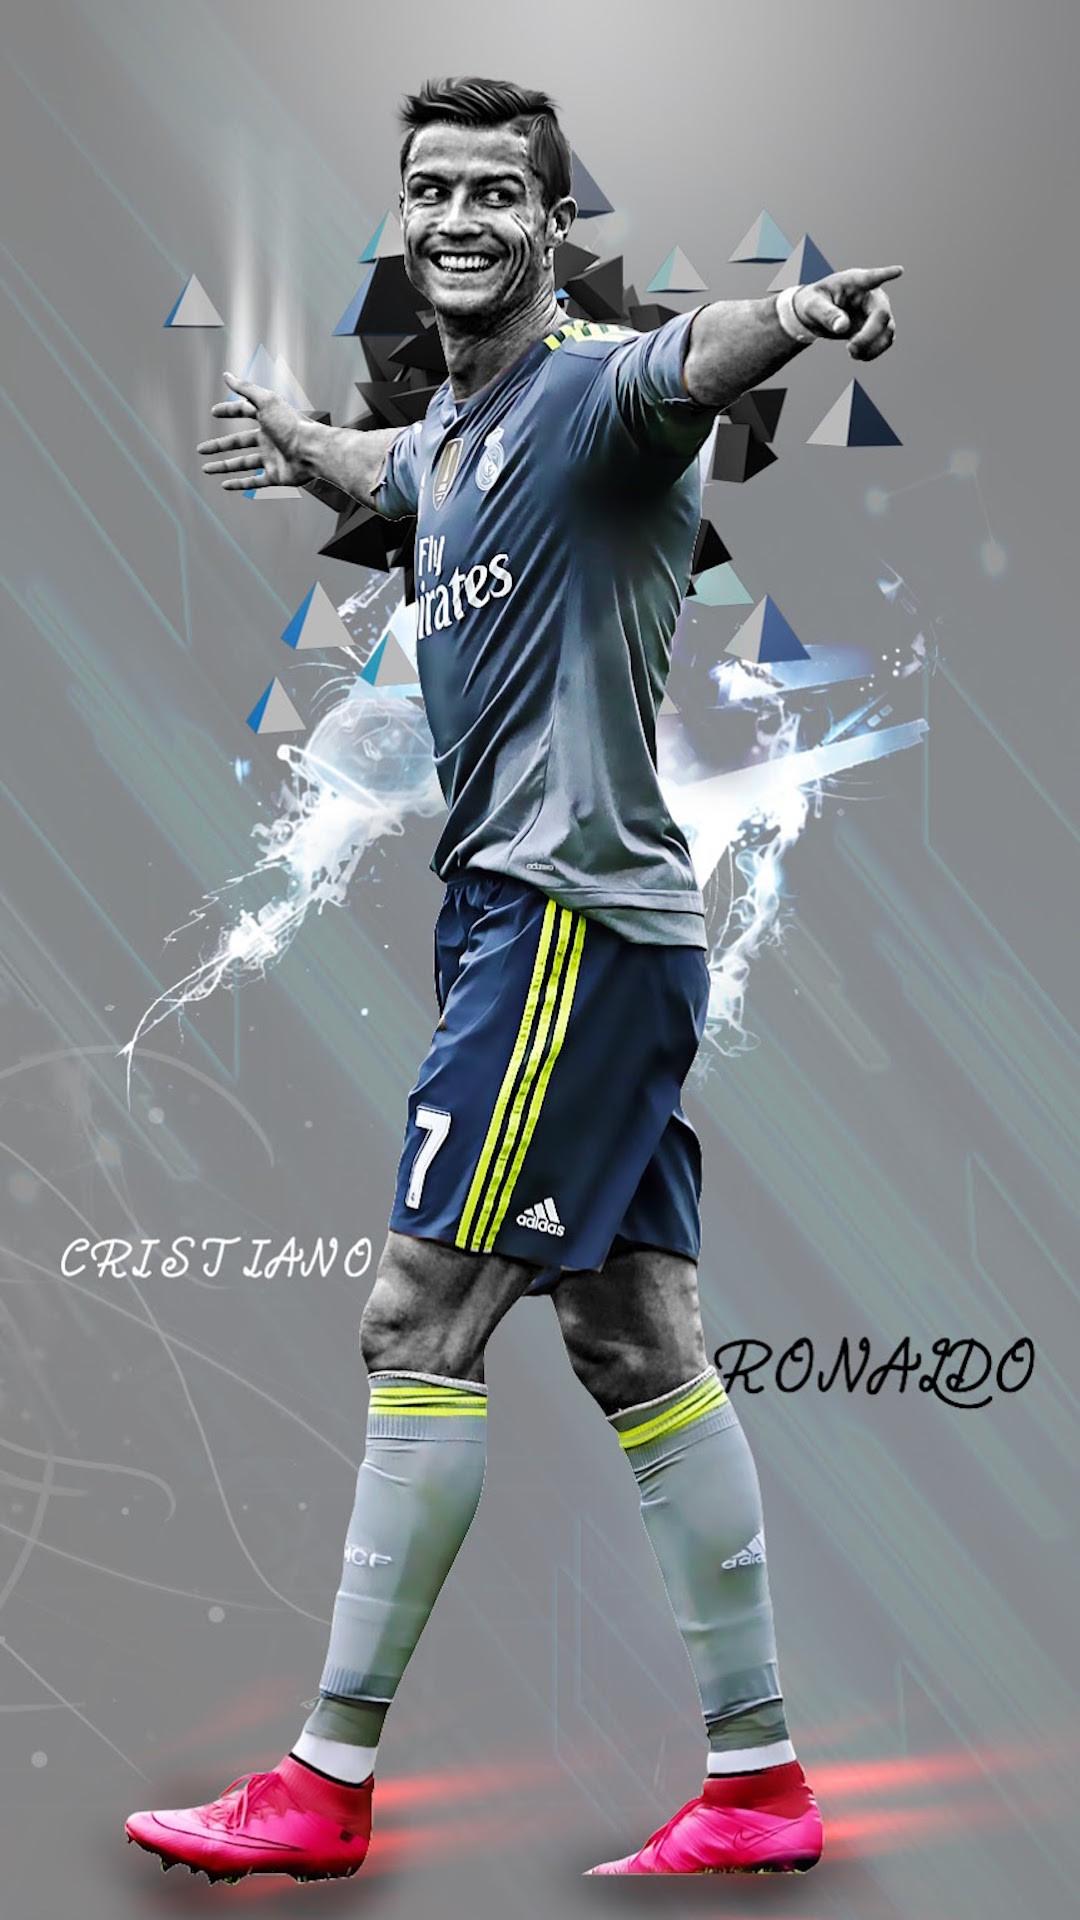 1080x1920 Cristiano Ronaldo iPhone Wallpaper HD